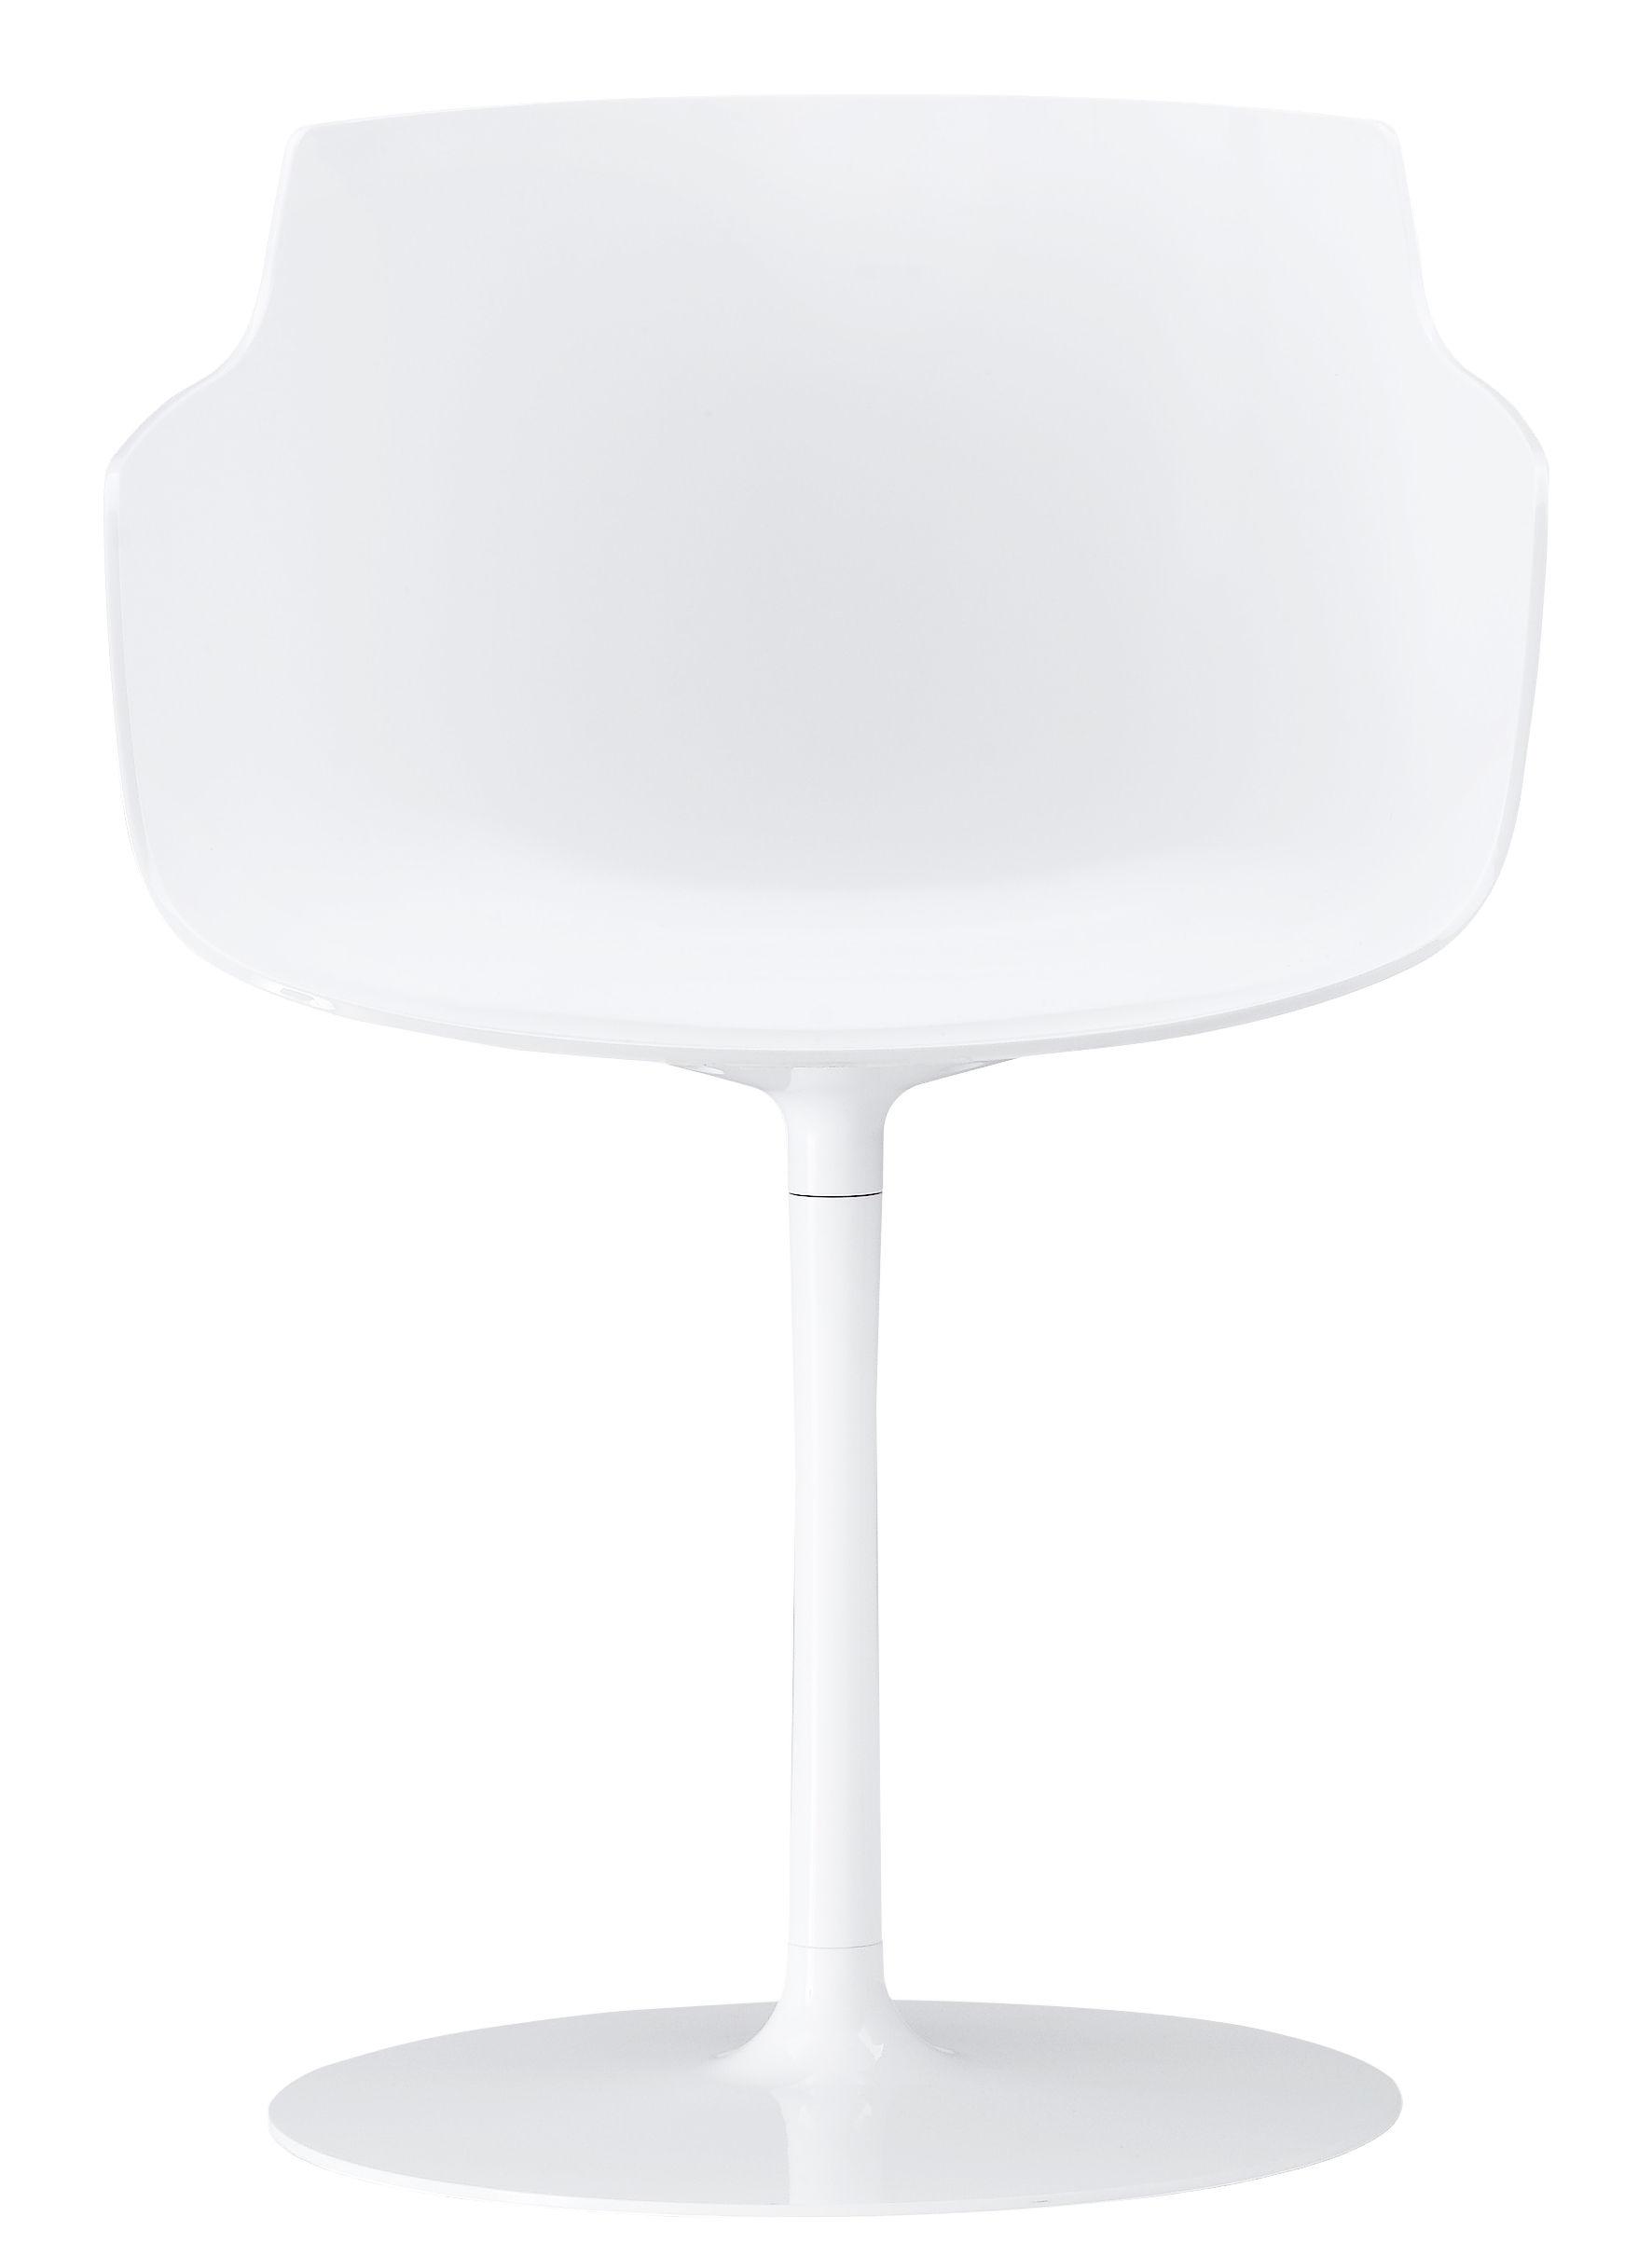 Mobilier - Chaises, fauteuils de salle à manger - Fauteuil pivotant Flow Slim / Pied central - MDF Italia - Blanc / Pied blanc - Aluminium laqué, Polycarbonate